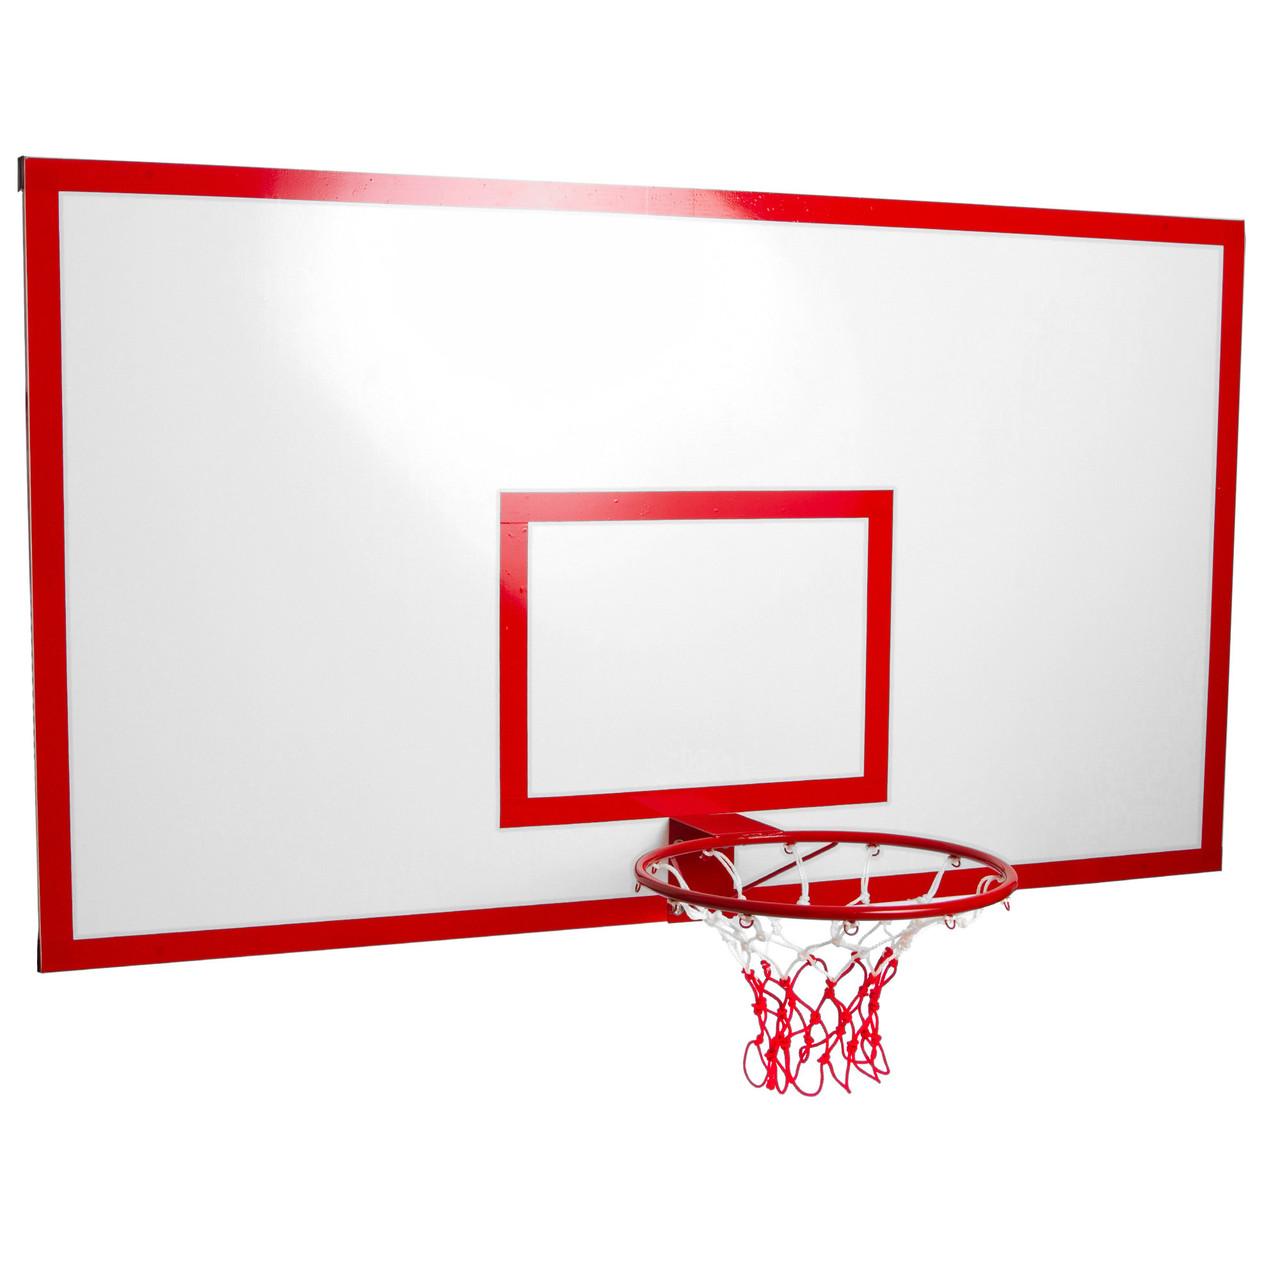 Щит баскетбольный металлический 180x105 см LA-6275